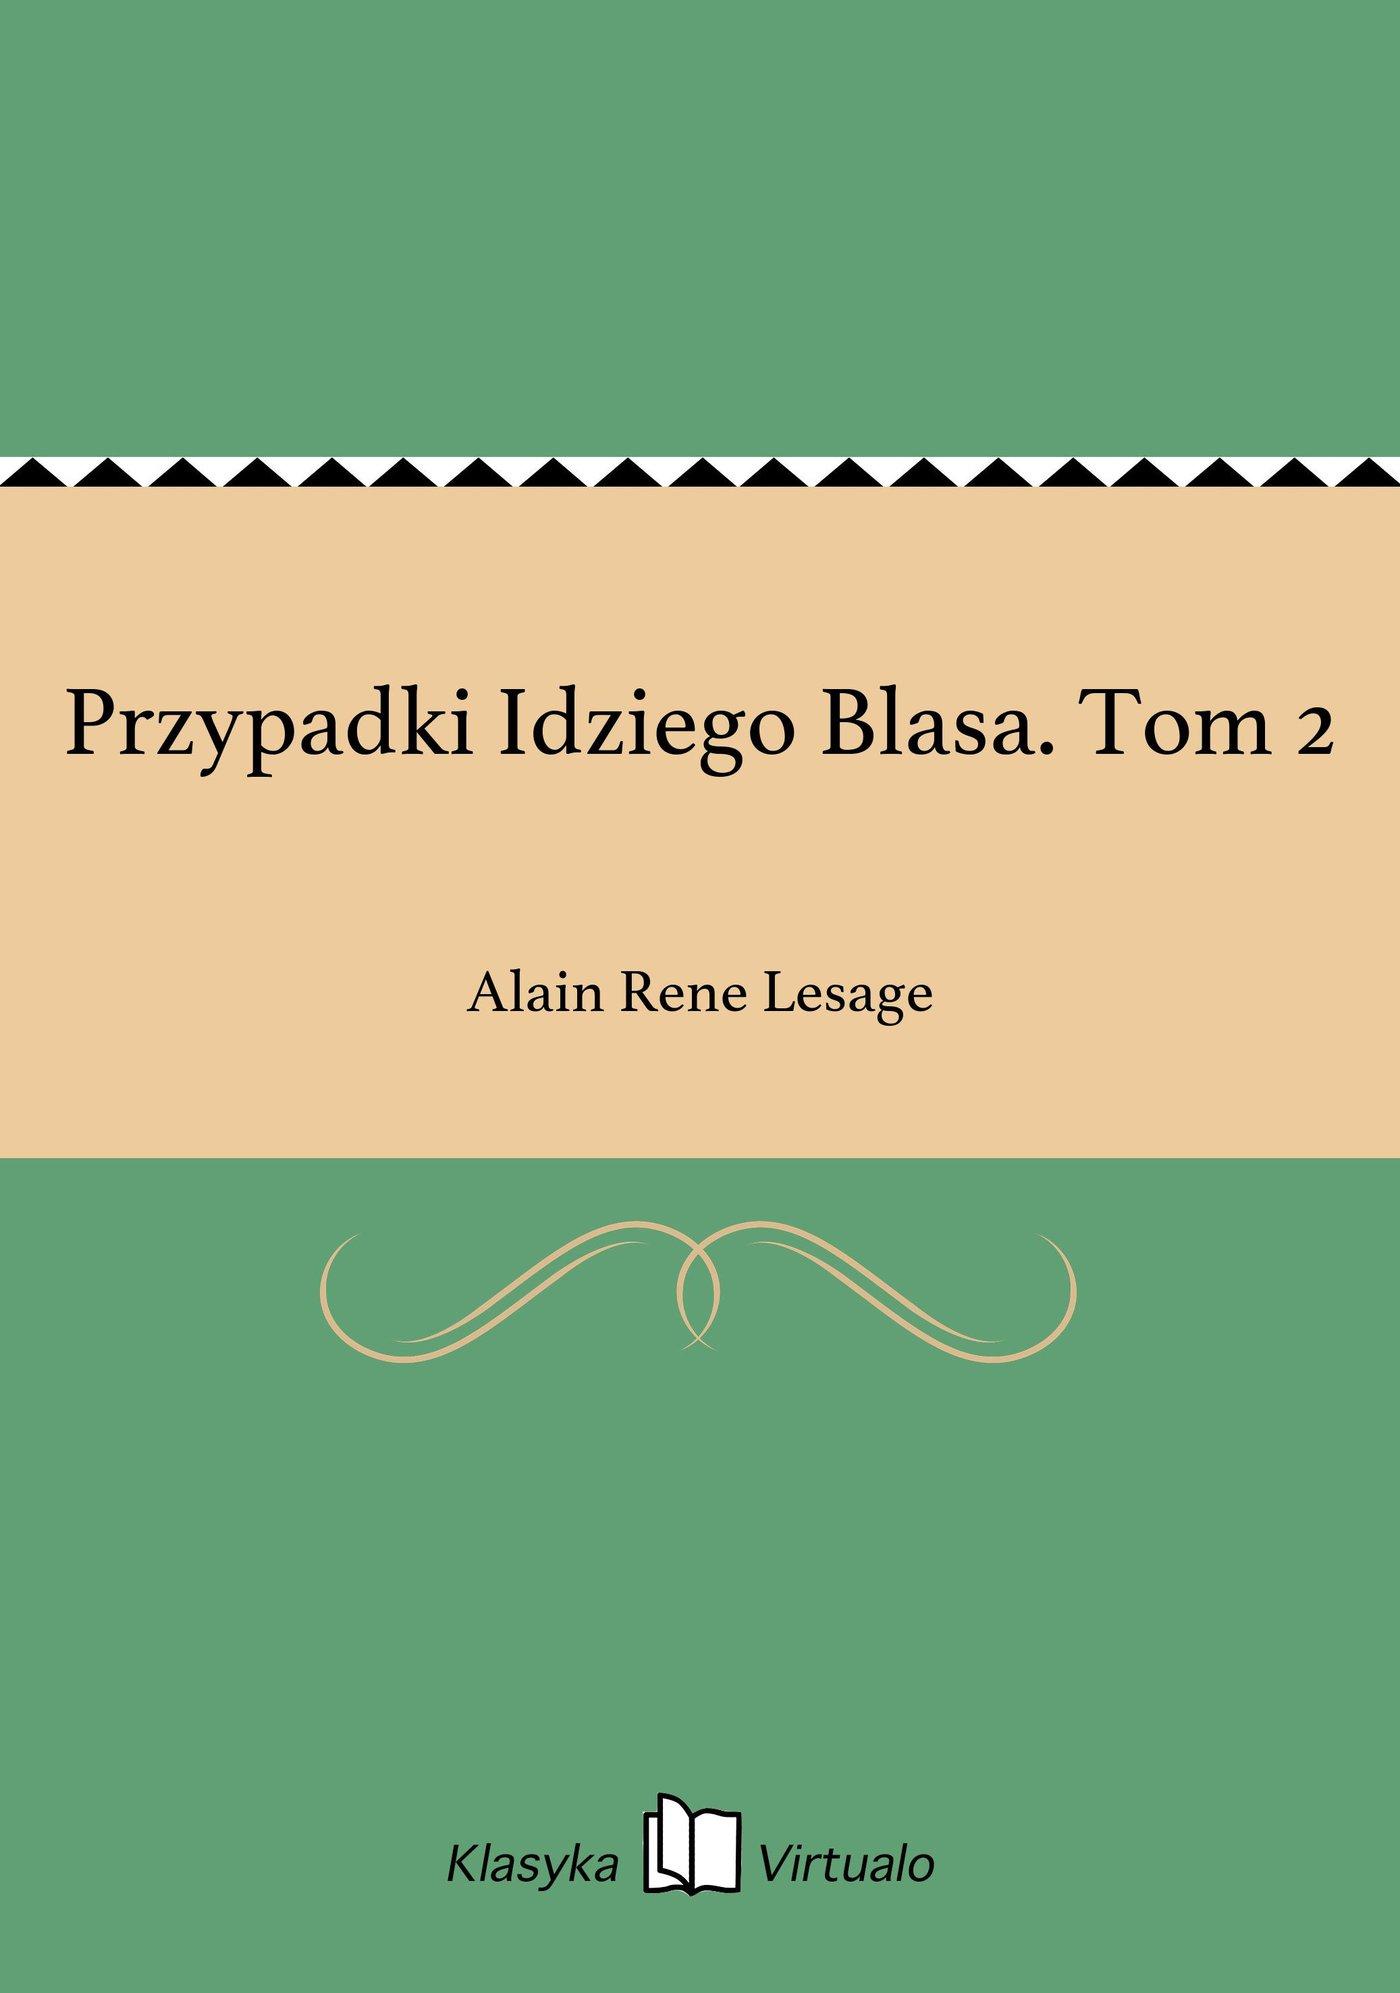 Przypadki Idziego Blasa. Tom 2 - Ebook (Książka EPUB) do pobrania w formacie EPUB